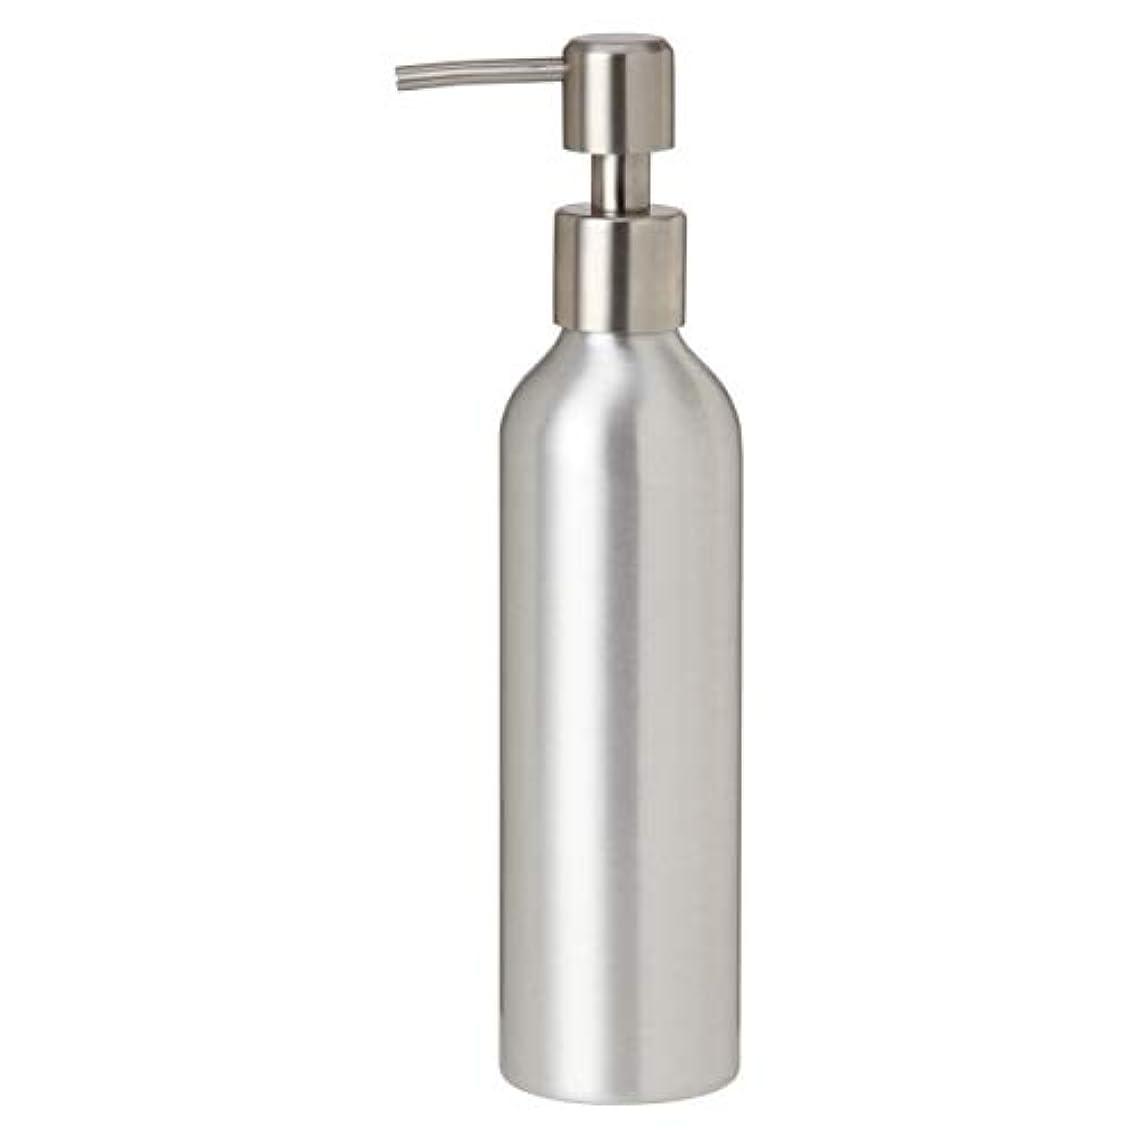 盆地いたずら奴隷アルミポンプボトル 250mL [ オイルウォーマー オイルトリートメント オイルボトル マッサージオイル アロママッサージオイル ボディマッサージオイル ボディオイル アロマオイル ]